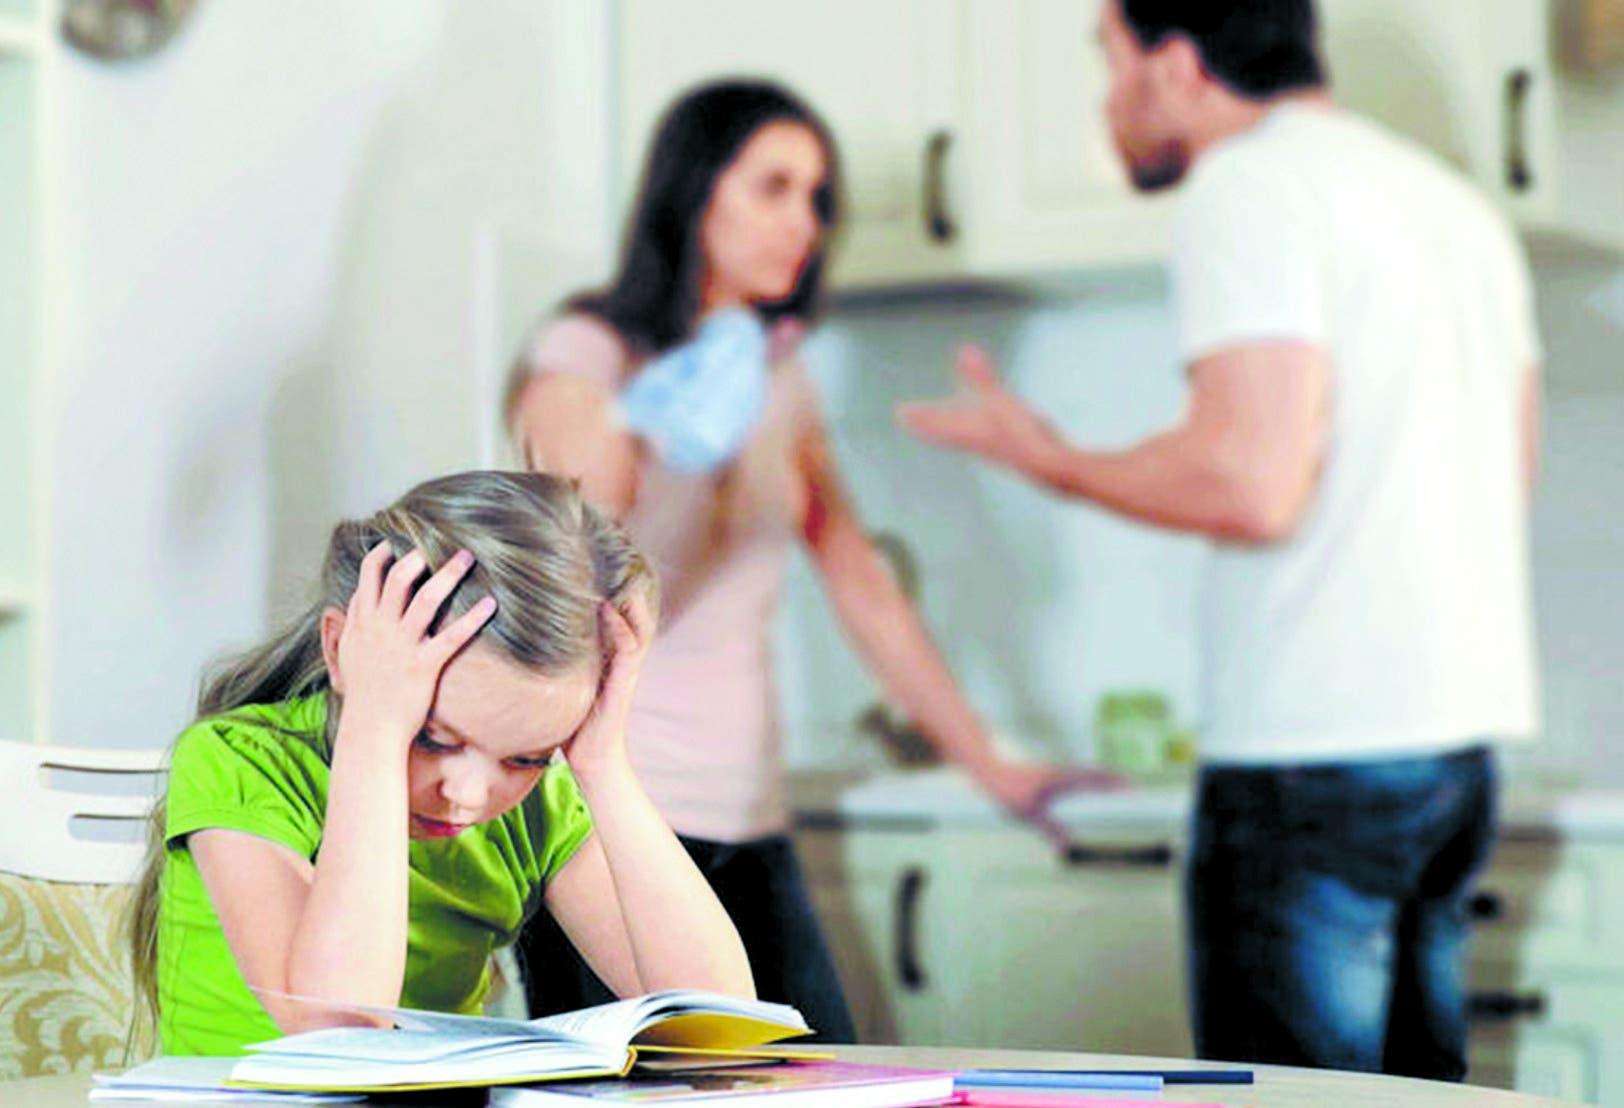 En un divorcio, ¿qué hace más daño a los hijos?